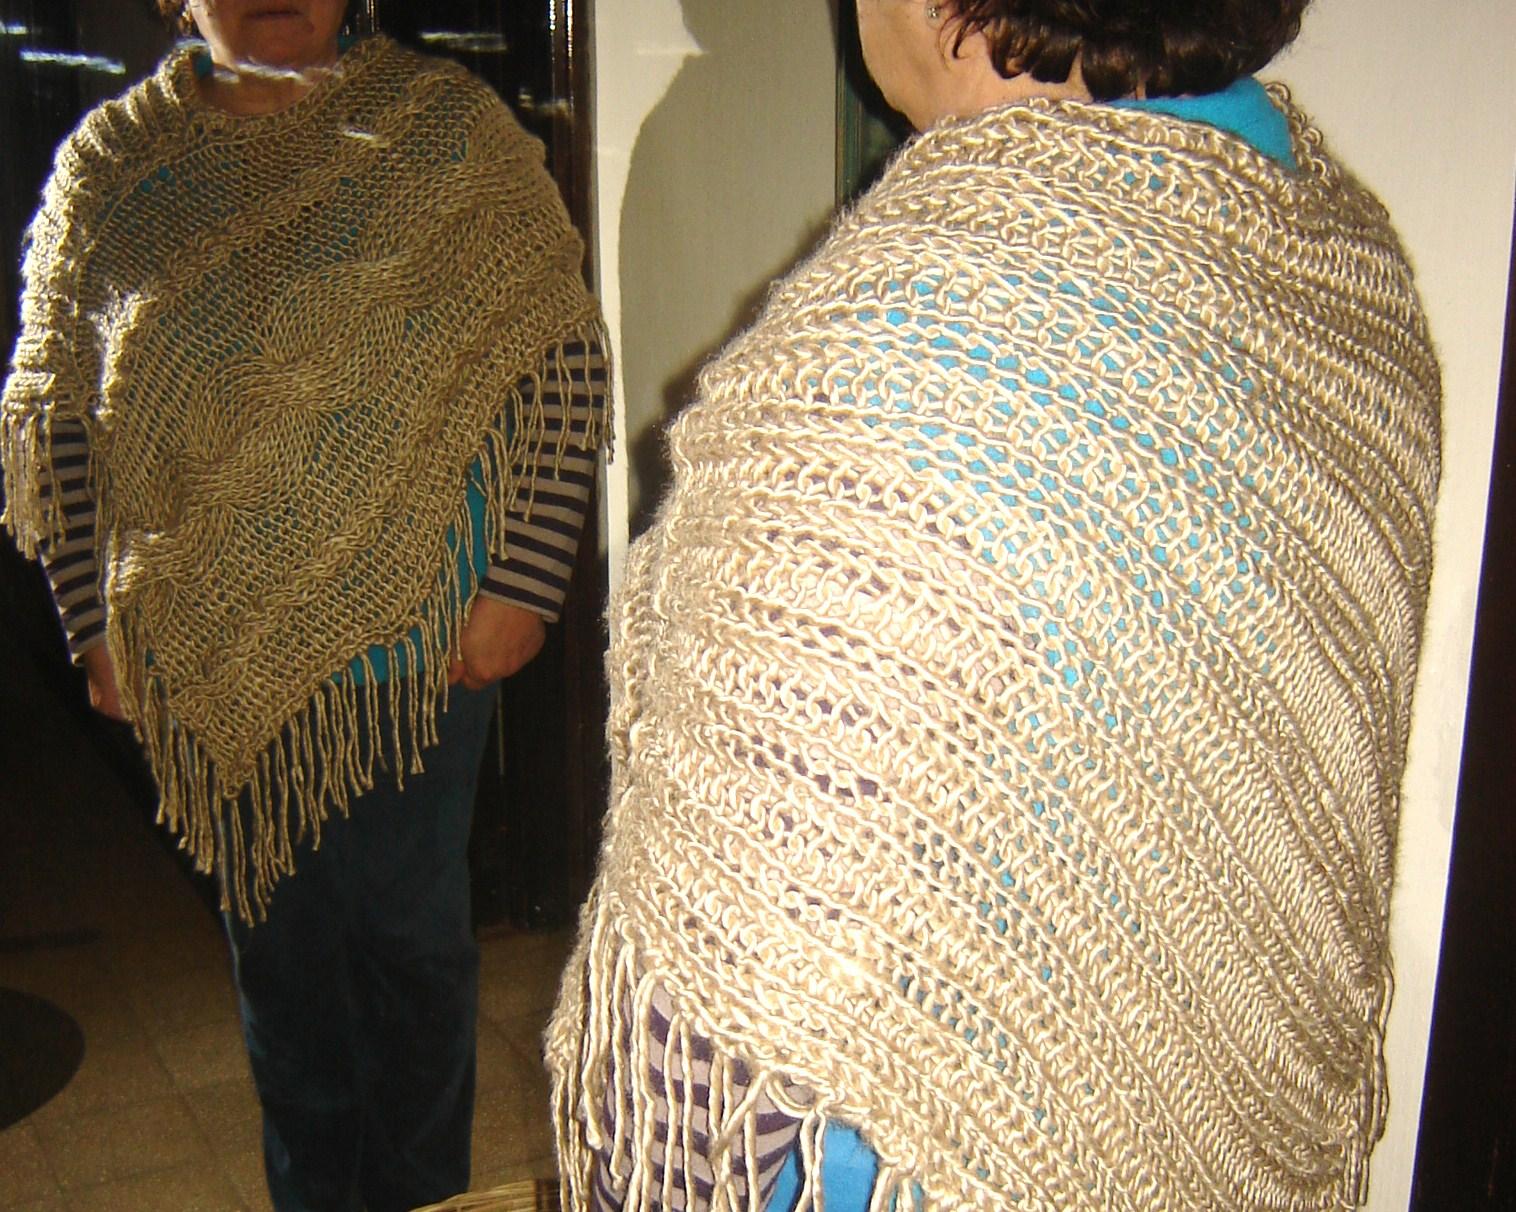 Tejidos en Crochet y Afines desde La Plata: julio 2011